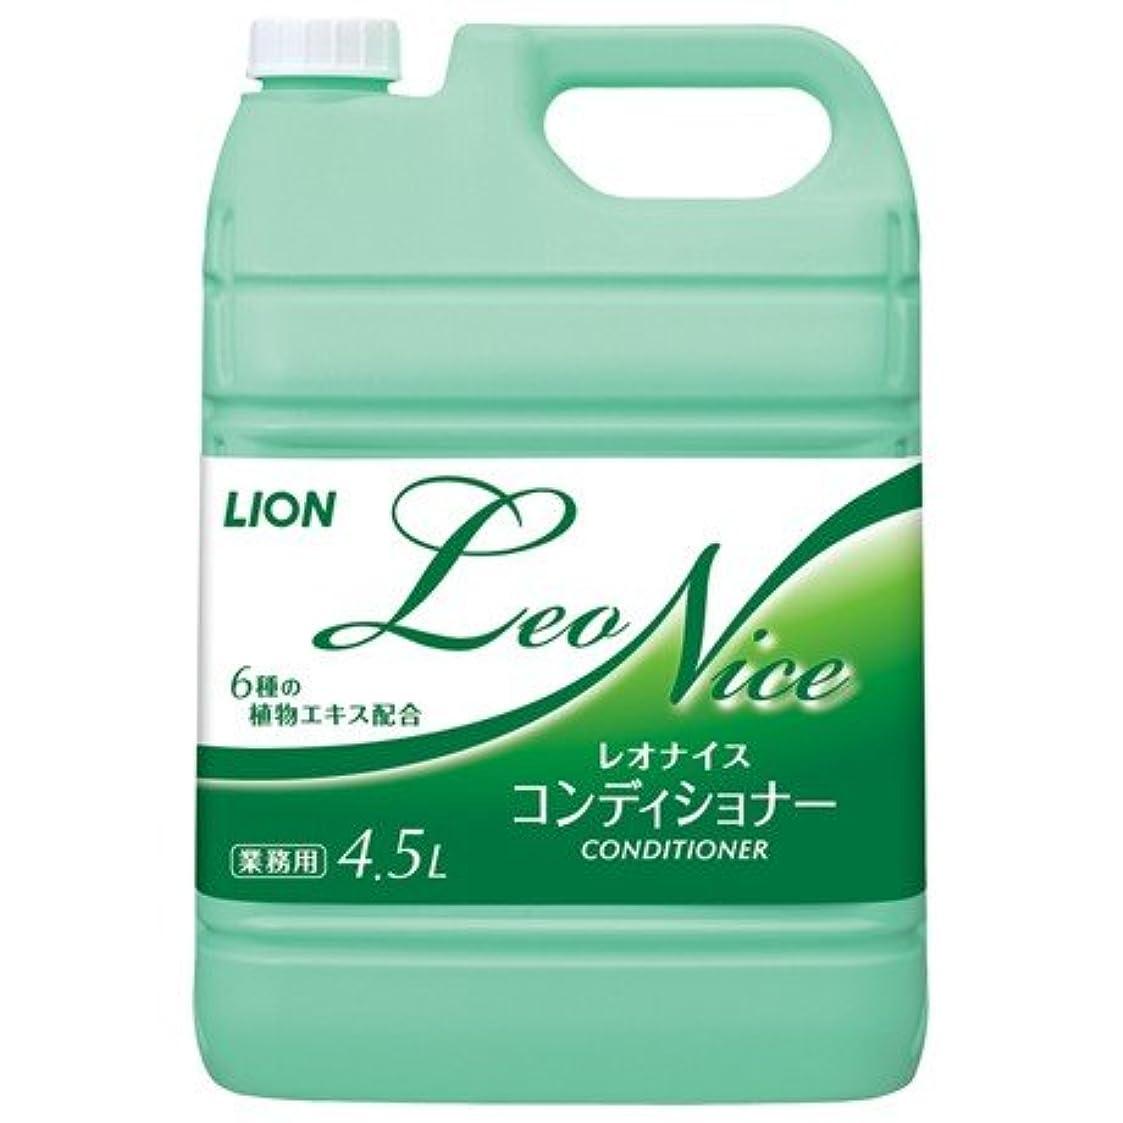 関税契約する差別するライオン レオナイス コンディショナー 4.5L×3本入